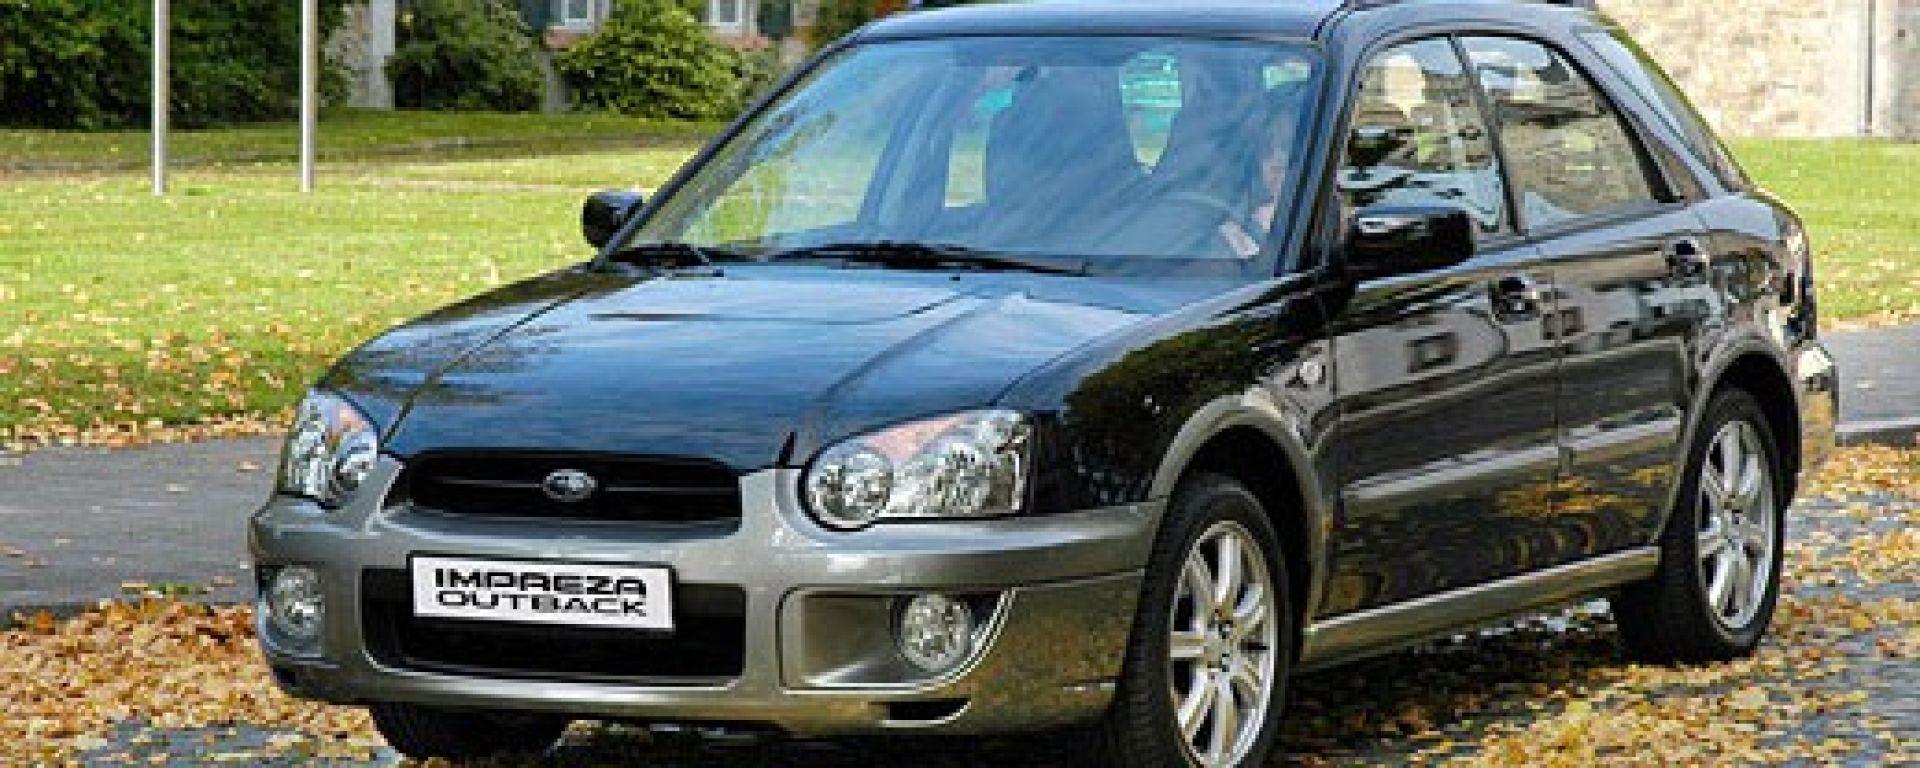 Subaru Impreza C.W. Outback